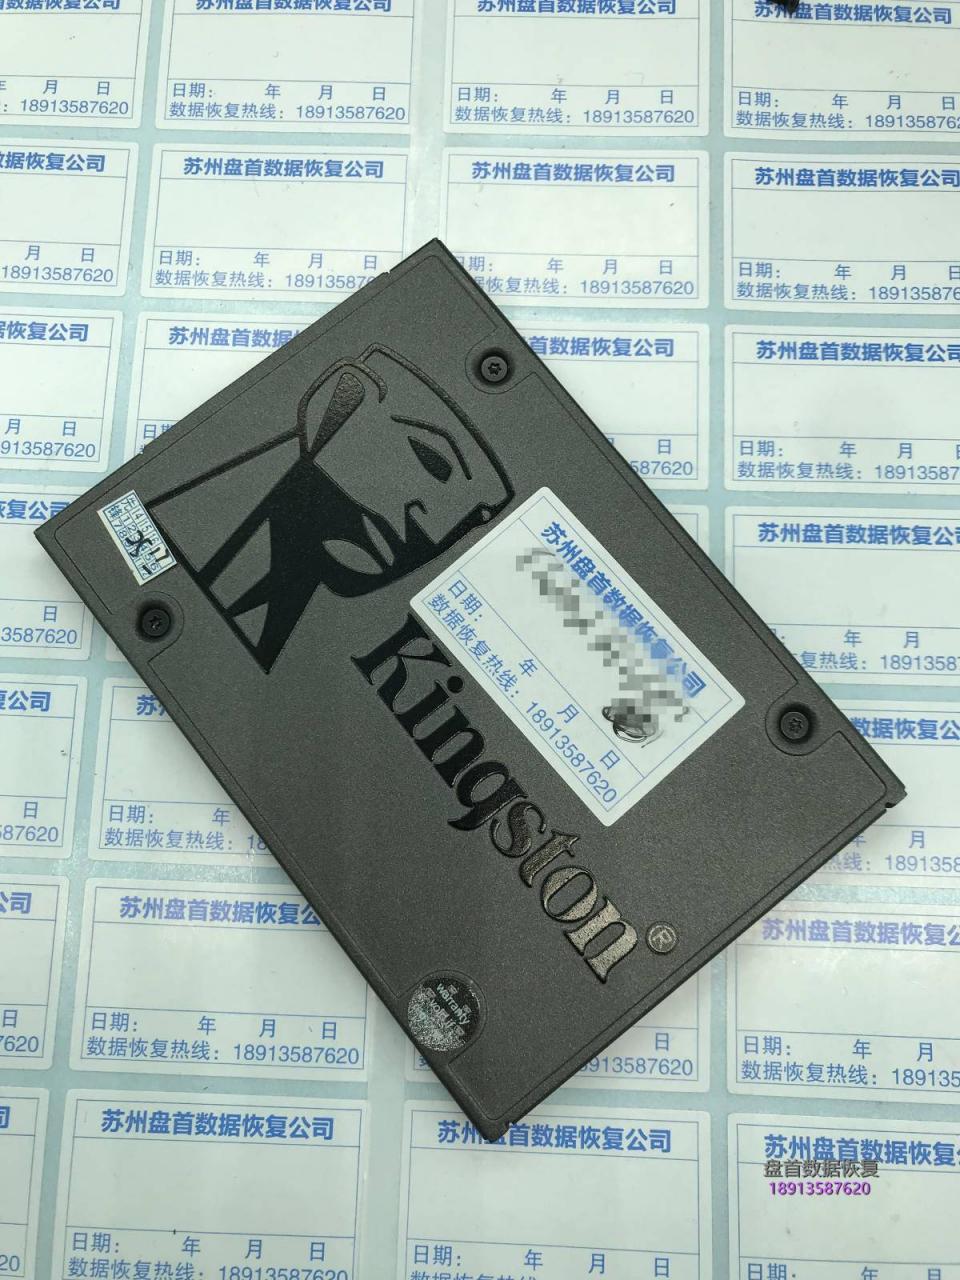 PS3111主控的SSD掉盘型号就变成SATAFIRM S11